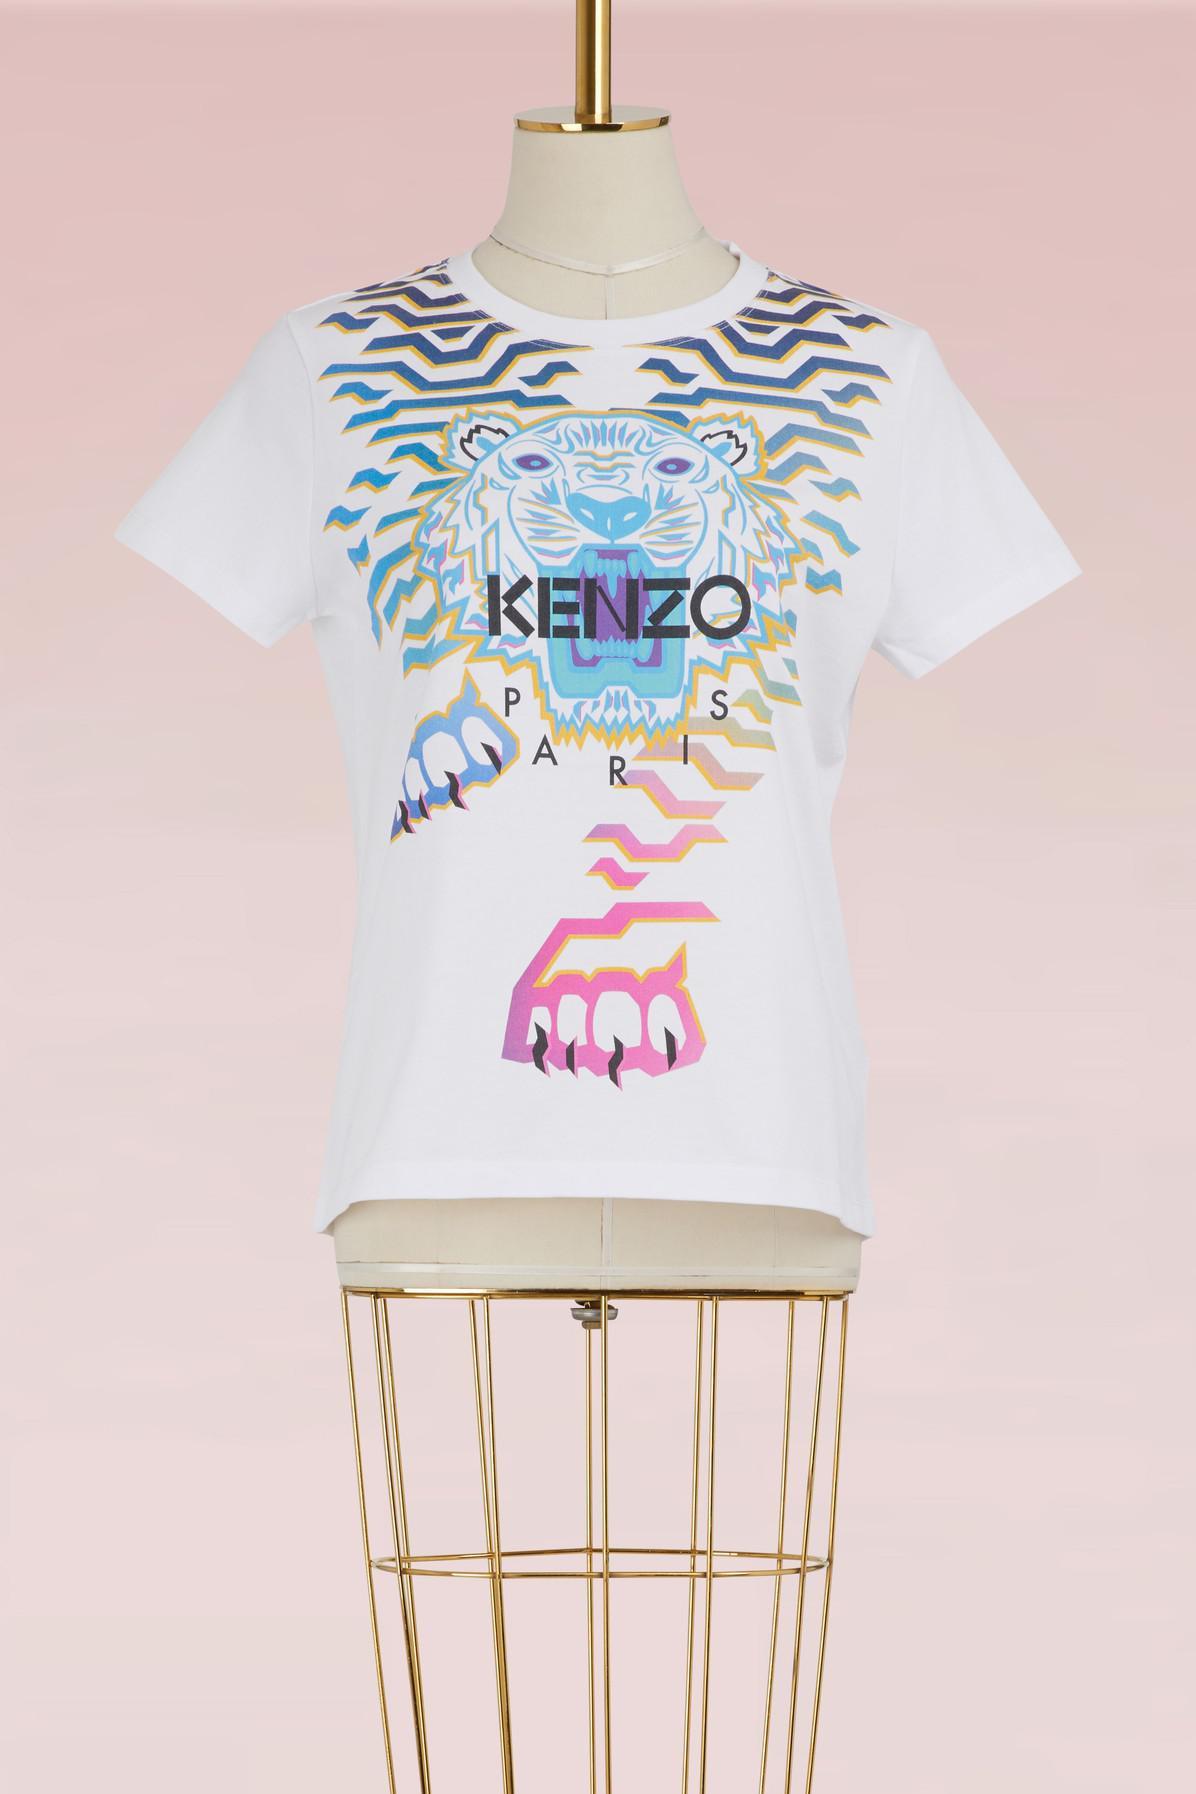 Qalc5rj34 Shirt X Tiger White T Rainbow Kenzo In Lyst Geo Qdhrts